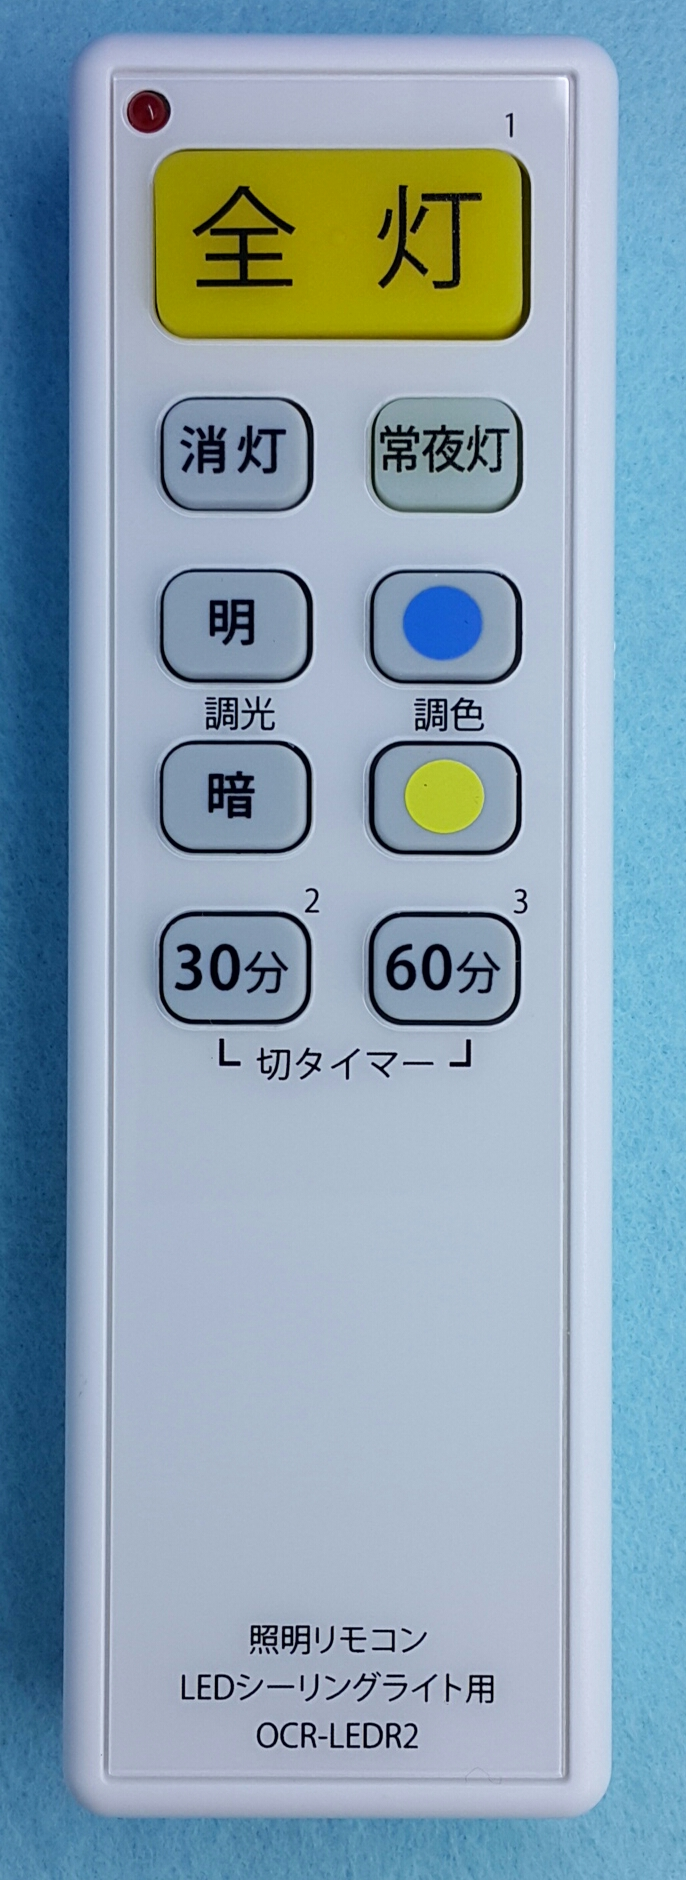 DOSHISHA_OCR-LEDR2_3111_L800B 827D_LAMP_cover.png